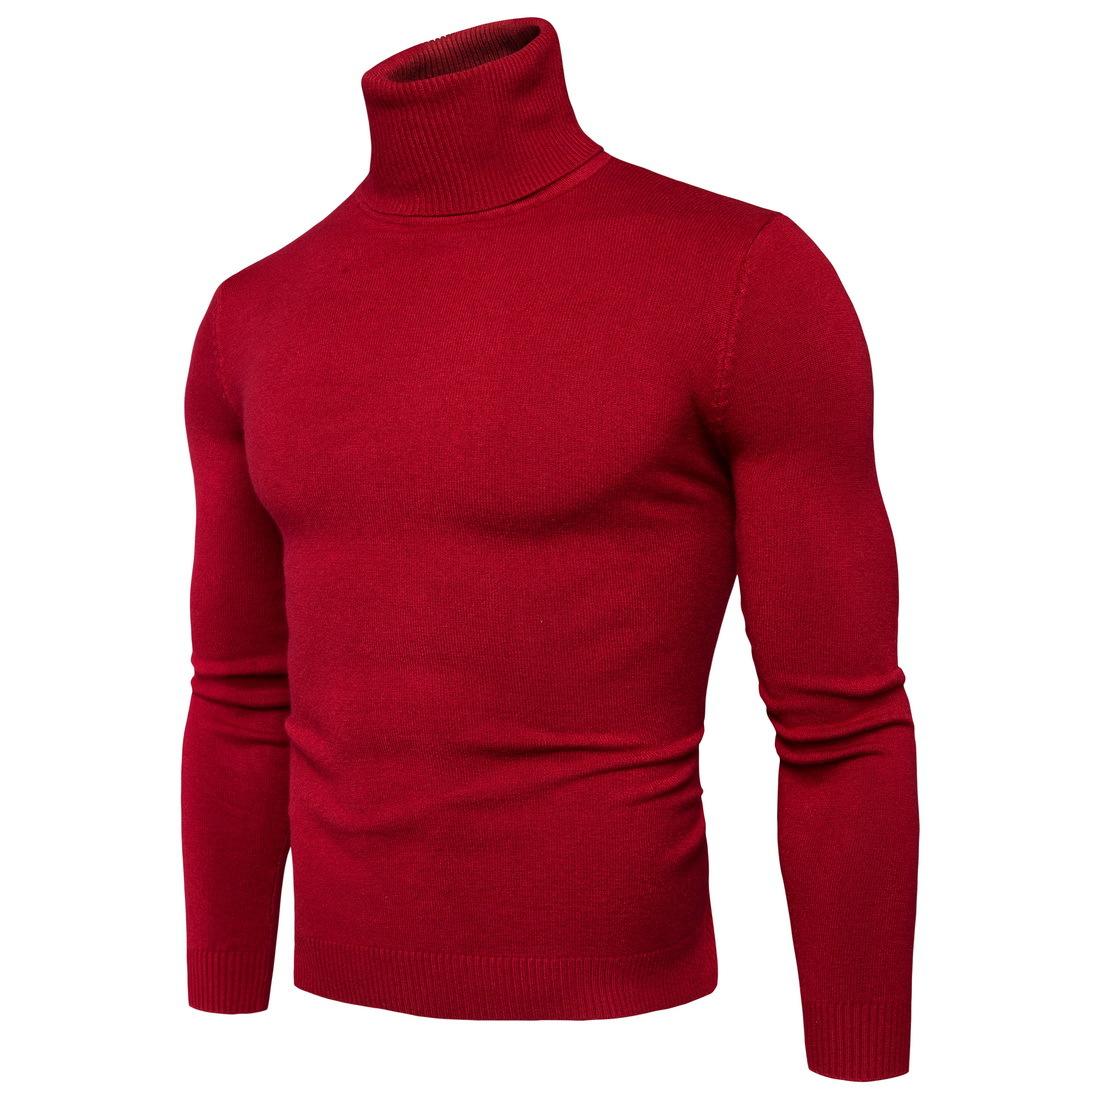 เสื้อไหมพรม คอเต่า สีแดง แขนยาว สเวตเตอร์ผู้ชาย ผ้านุ่ม ใส่กันหนาว ใส่ไปเที่ยวต่างประเทศได้ ใส่เดี่ยวหรือทับด้วยโค้ทอีกที แฟชั่นผู้ชาย